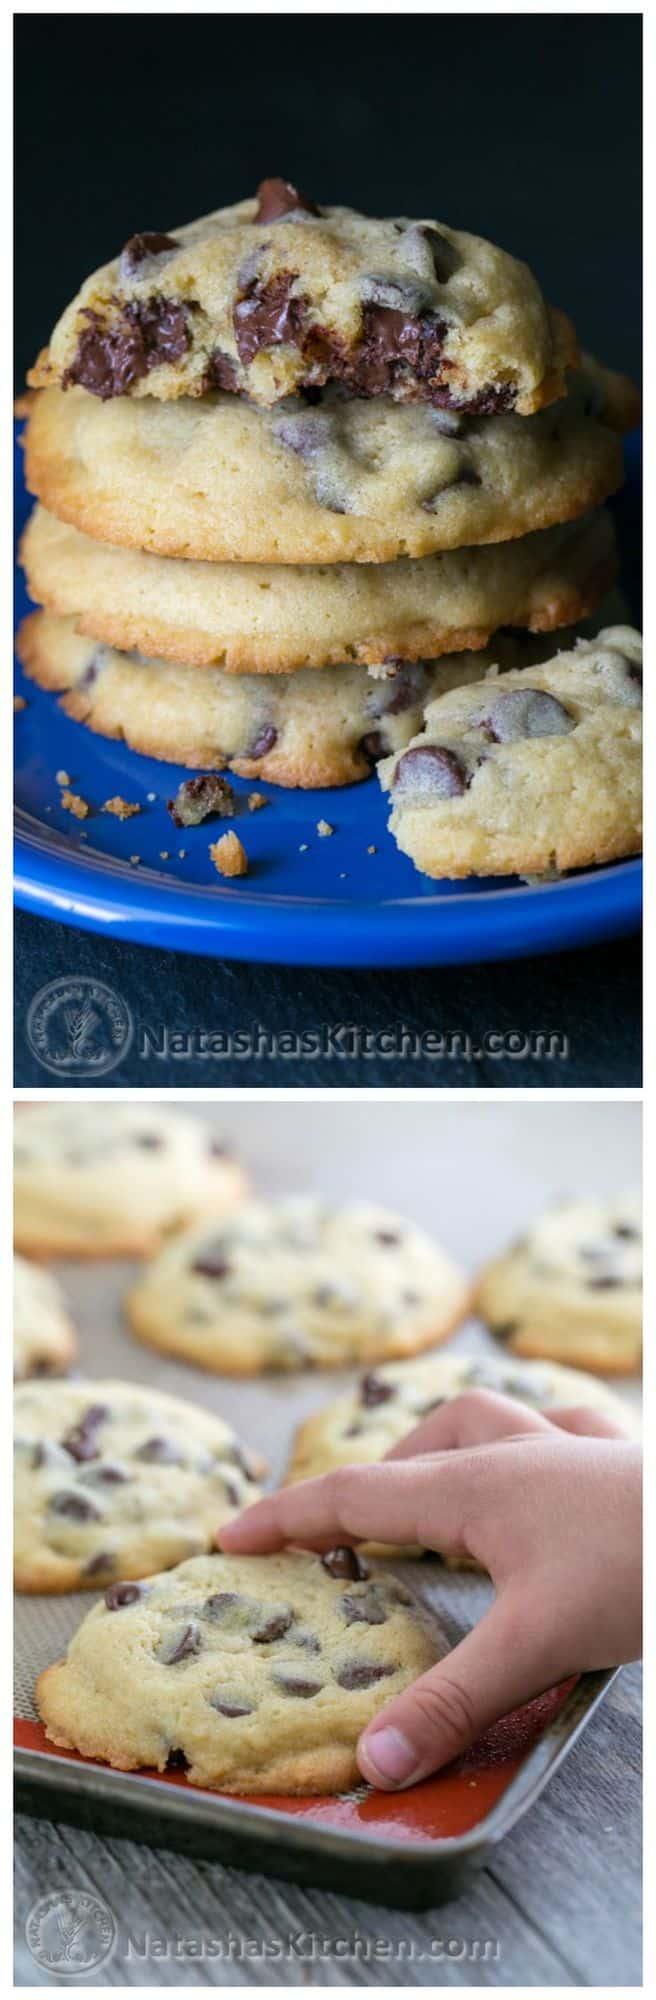 Soft Chocolate Chip Cookies Recipe - NatashasKitchen.com